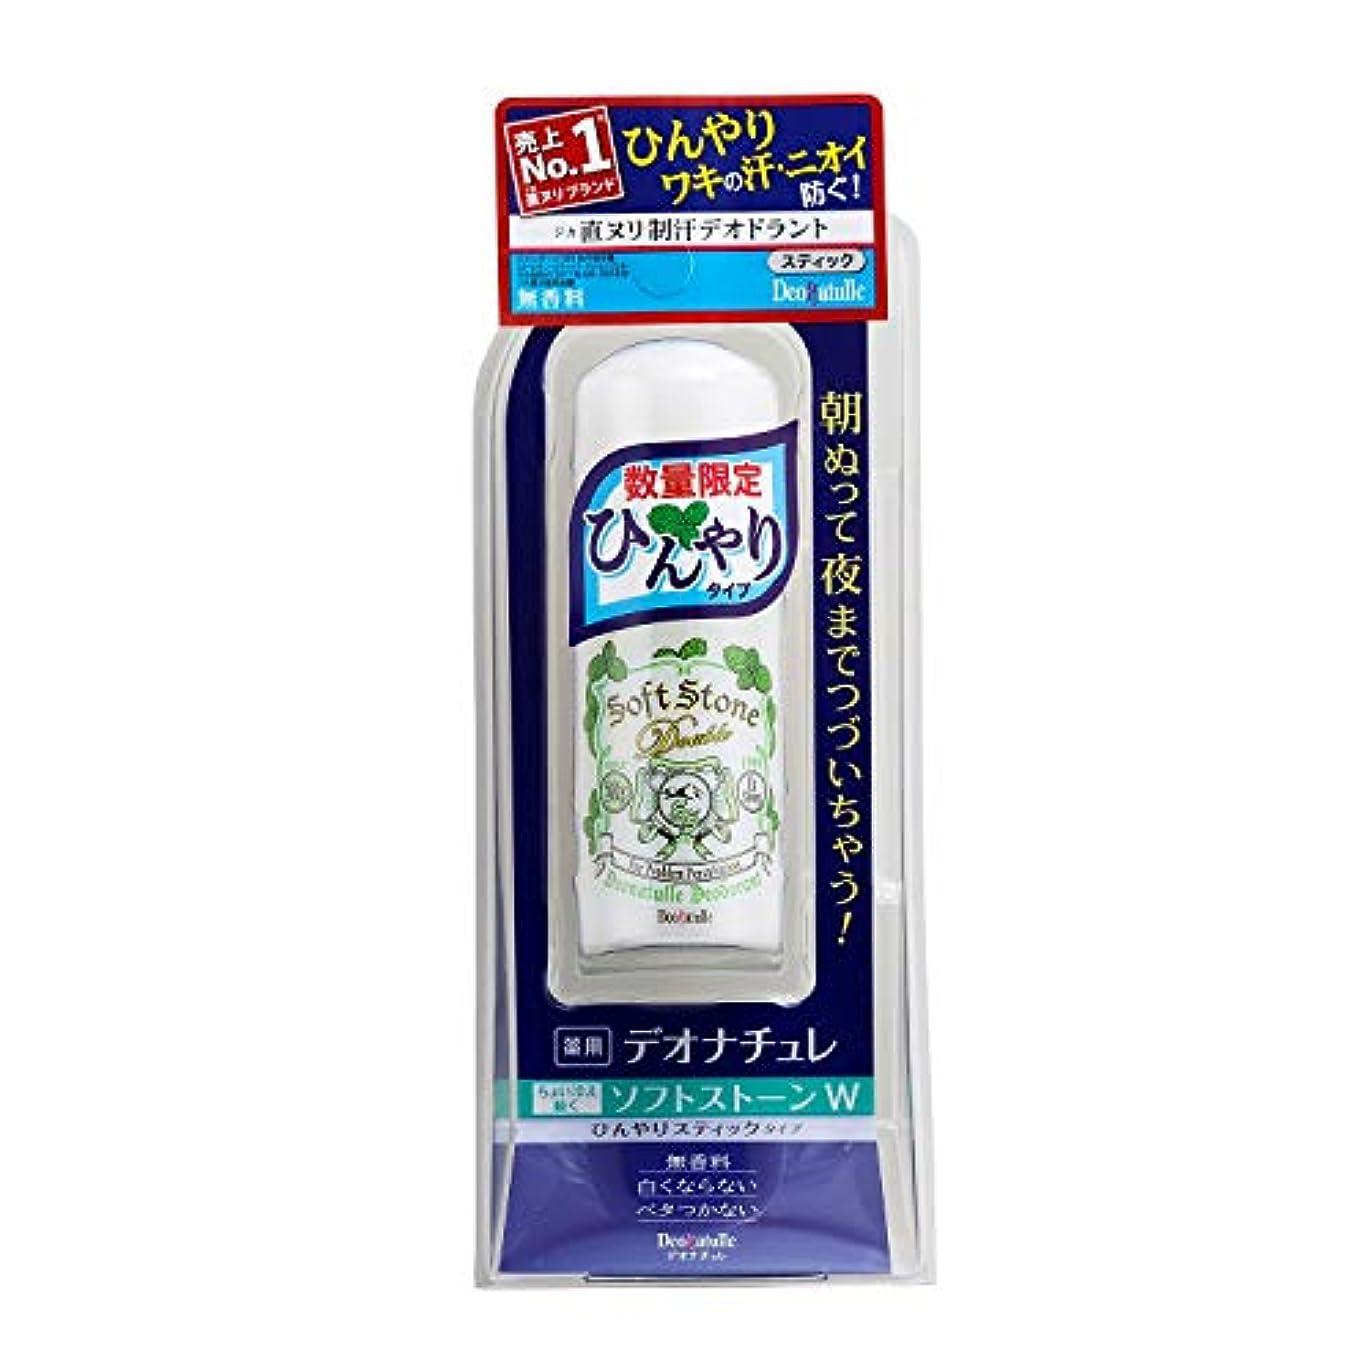 メンタルサージバーター【数量限定品】 デオナチュレ ちょい冷え続くソフトストーンW 20g